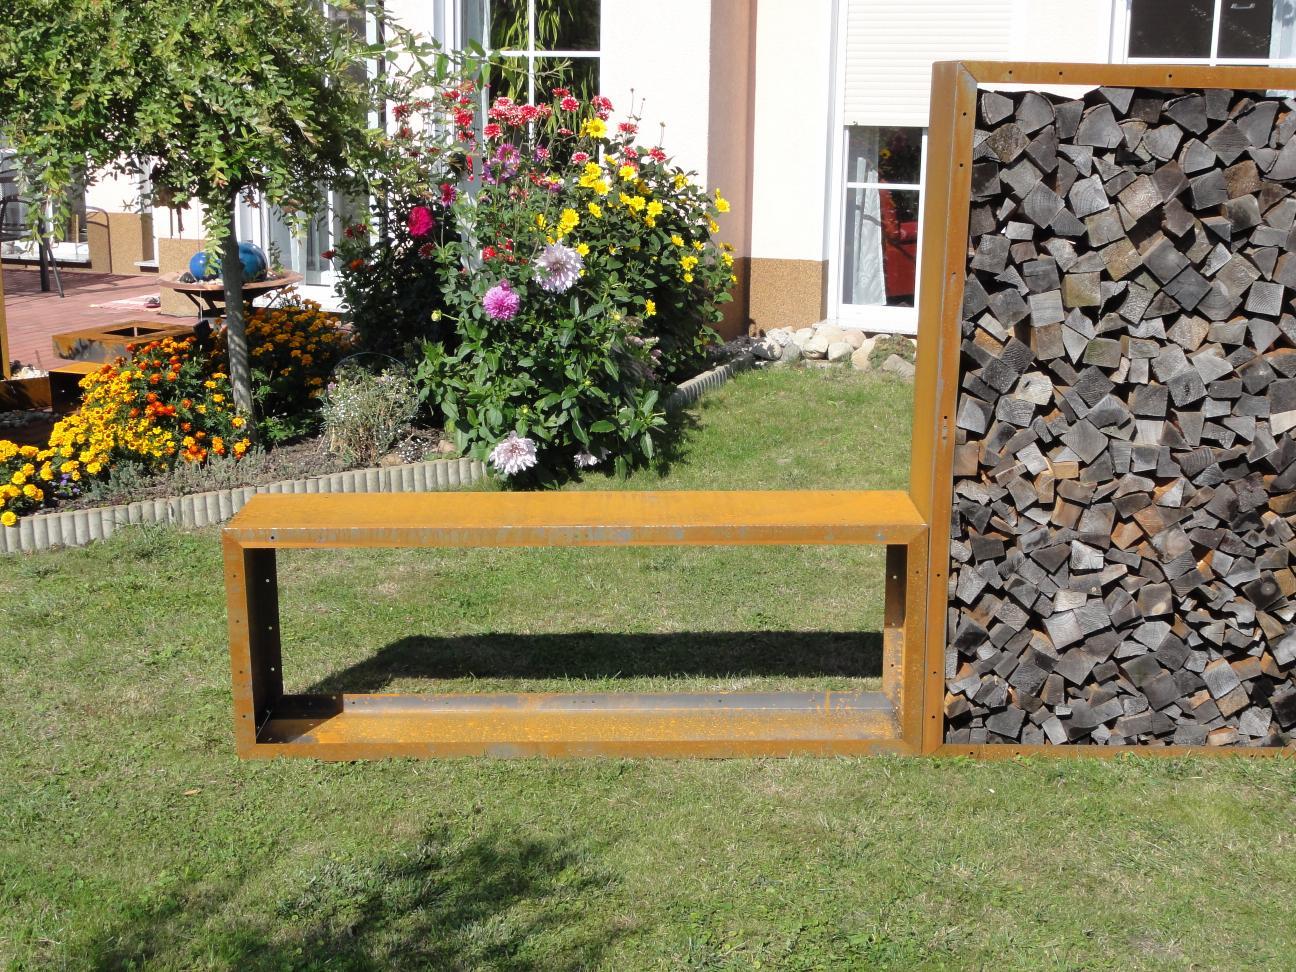 Kaminholzregal außen  Kaminholzregal Metall 1,9m x 1,0 m x 0,35 m Oberfläche Edelrost